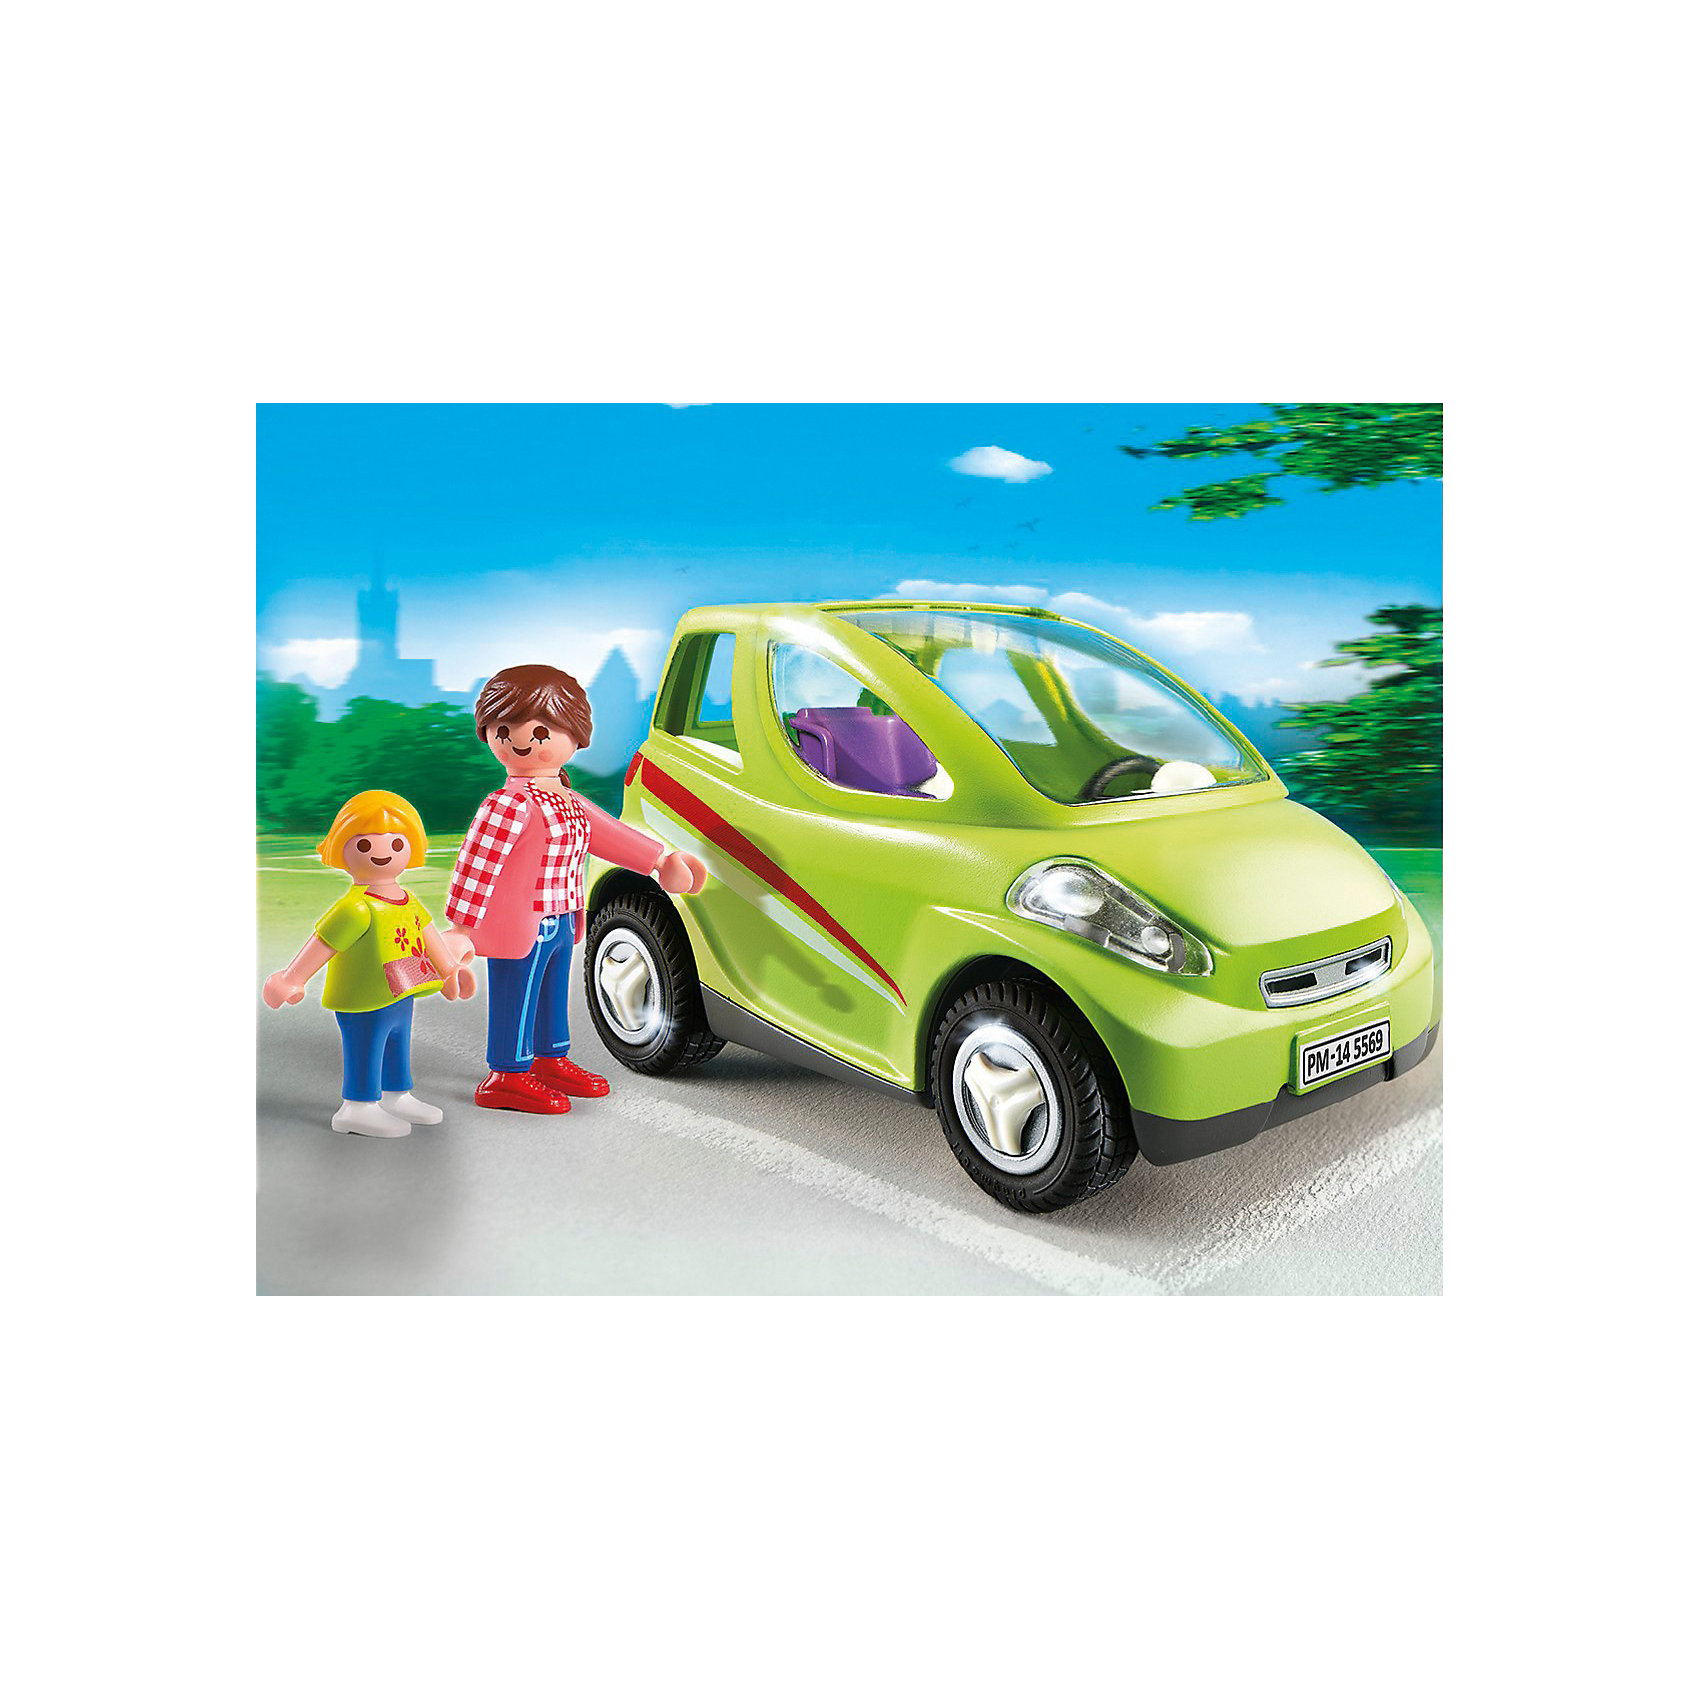 PLAYMOBIL® Детский сад: Городской автомобиль, PLAYMOBIL playmobil 5266 summer fun детский клуб с танц площадкой